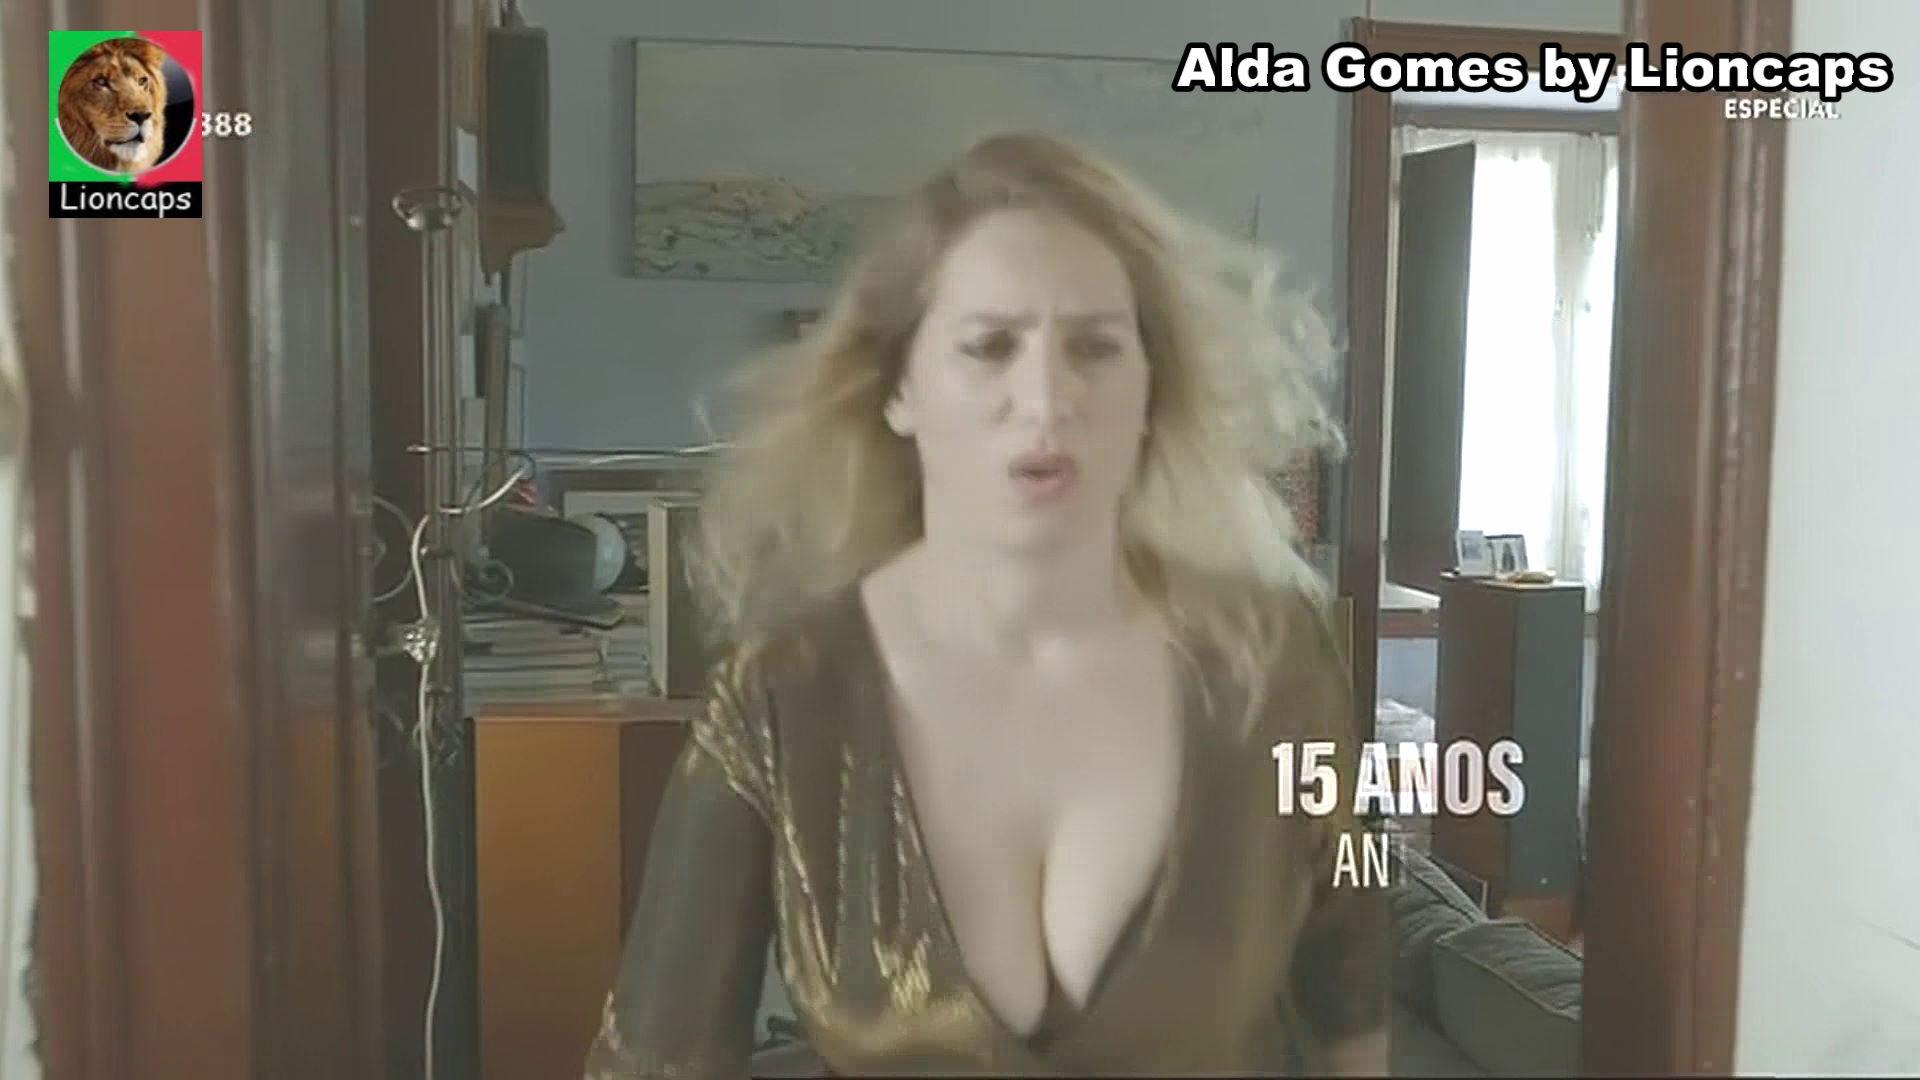 alda_gomes_vs200603-073 (9).JPG